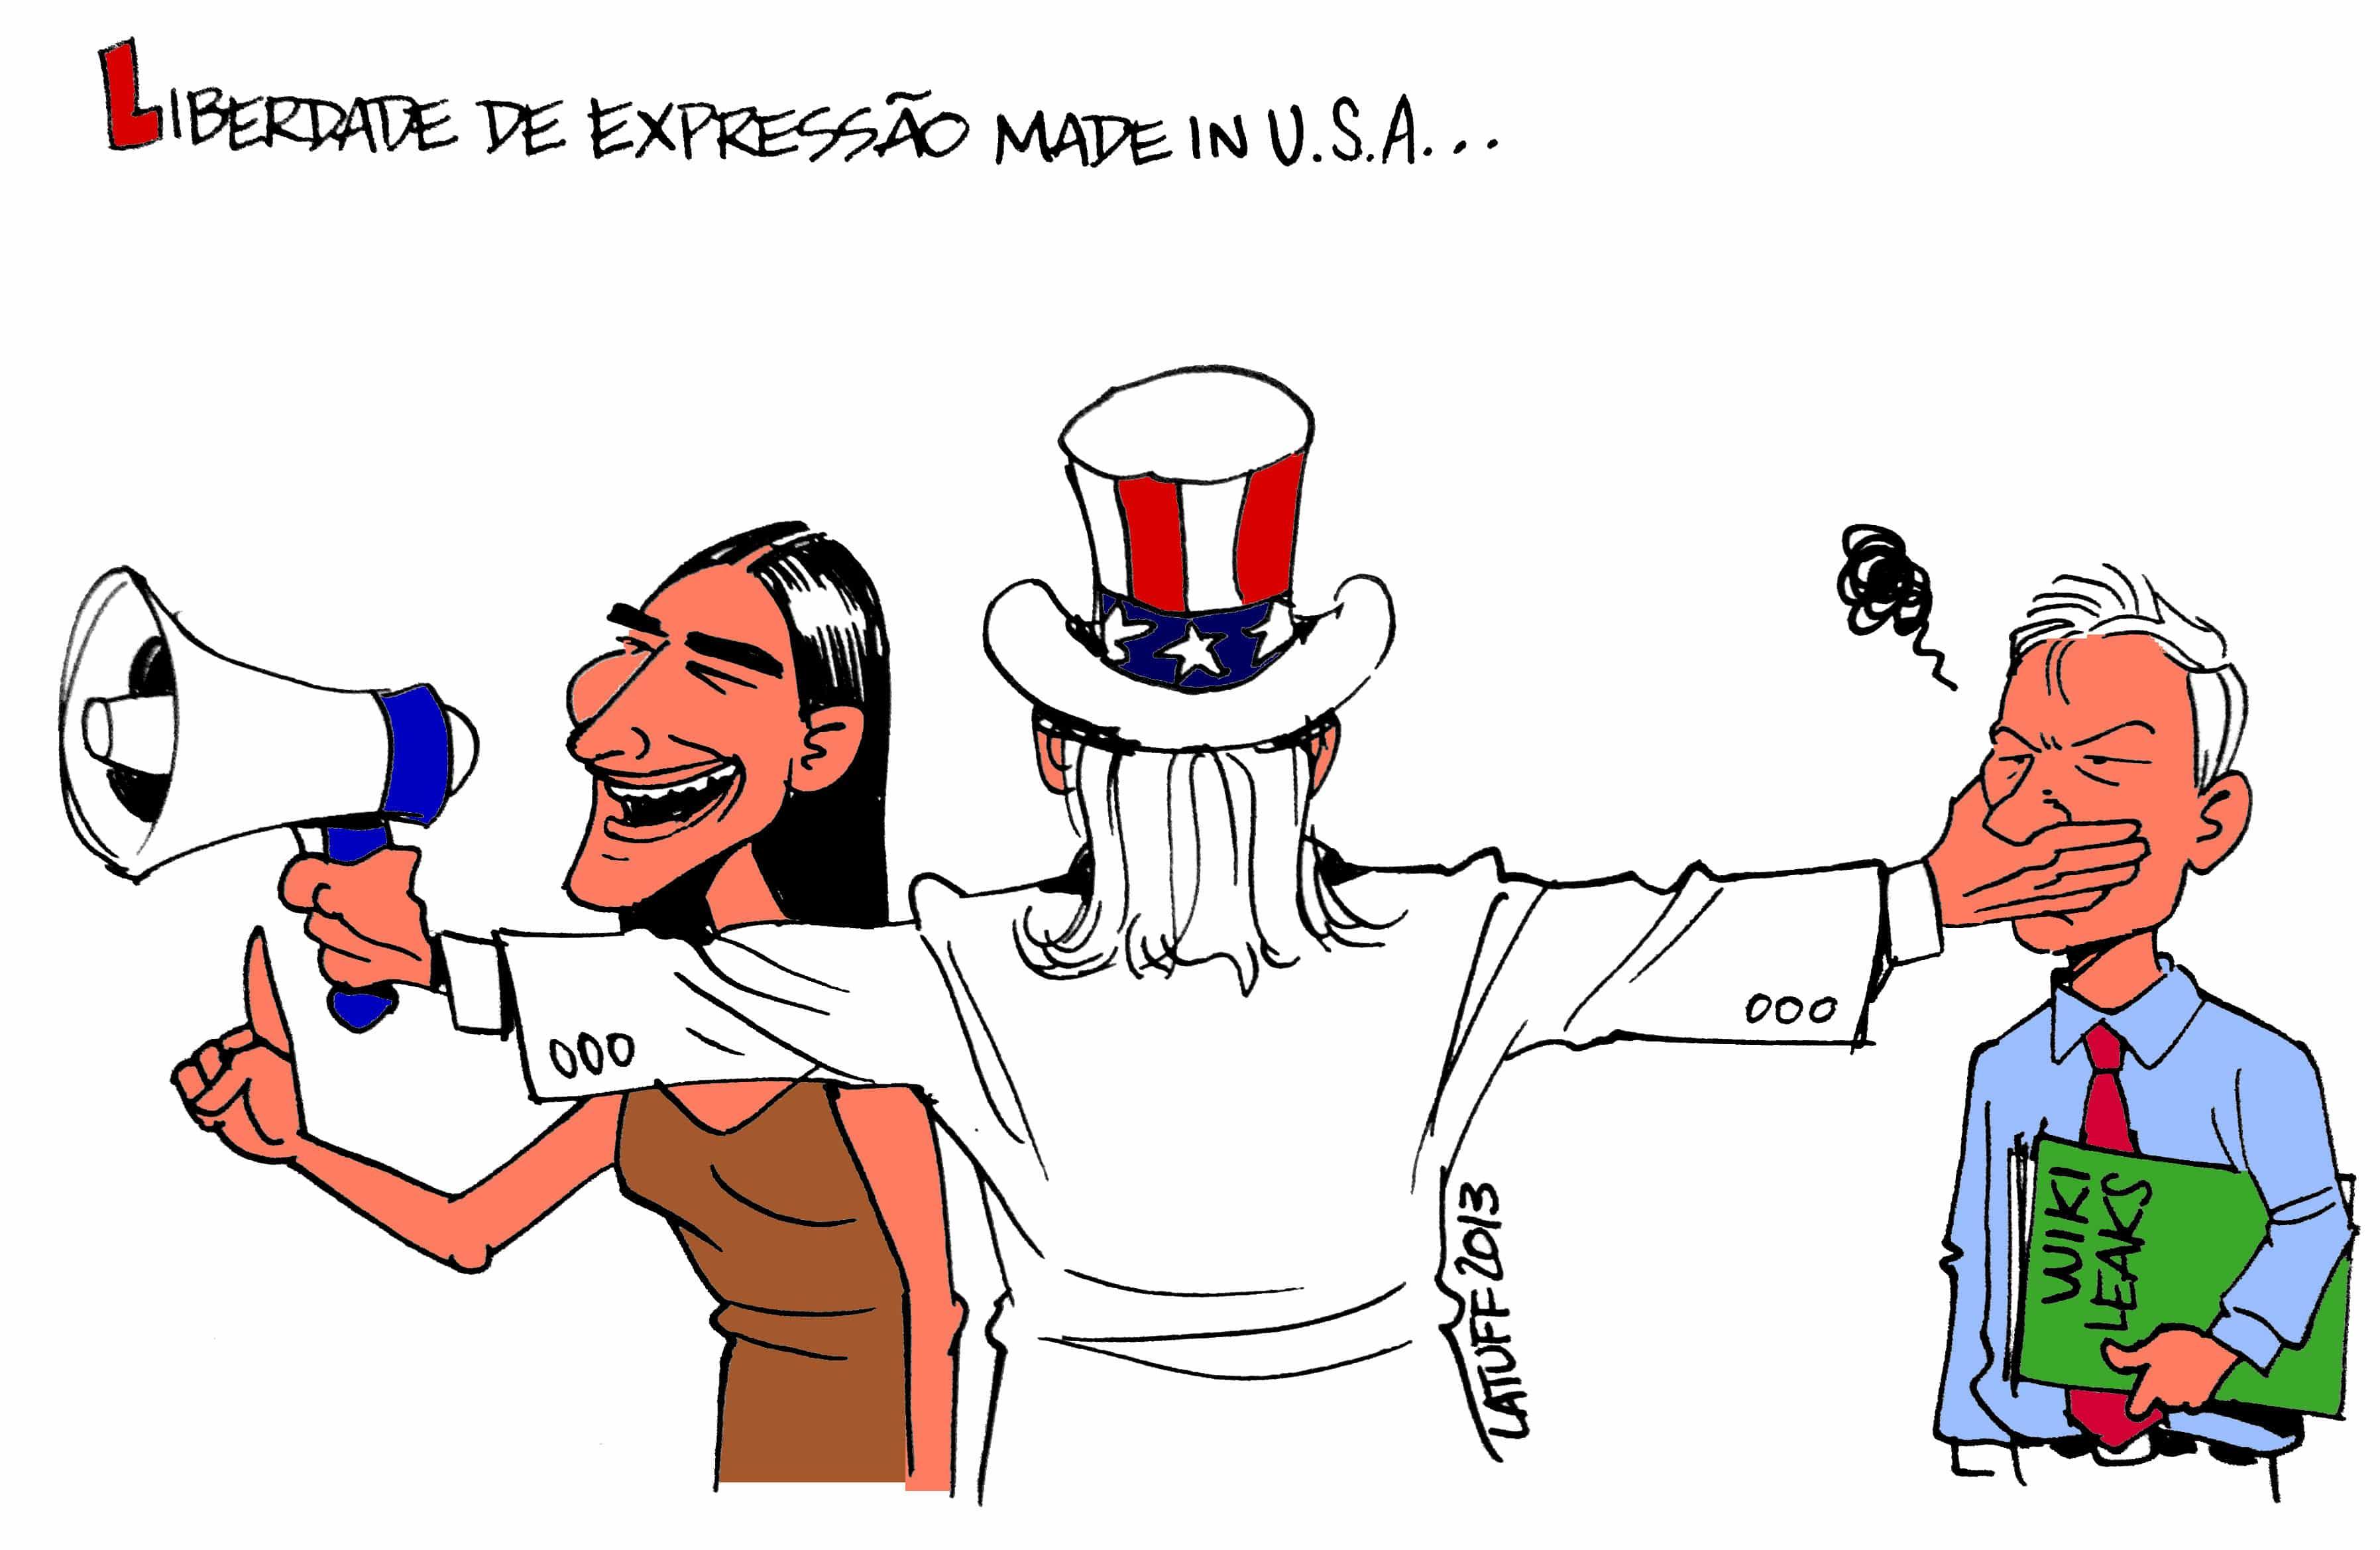 Yoani Sánchez vs. Julian Assange